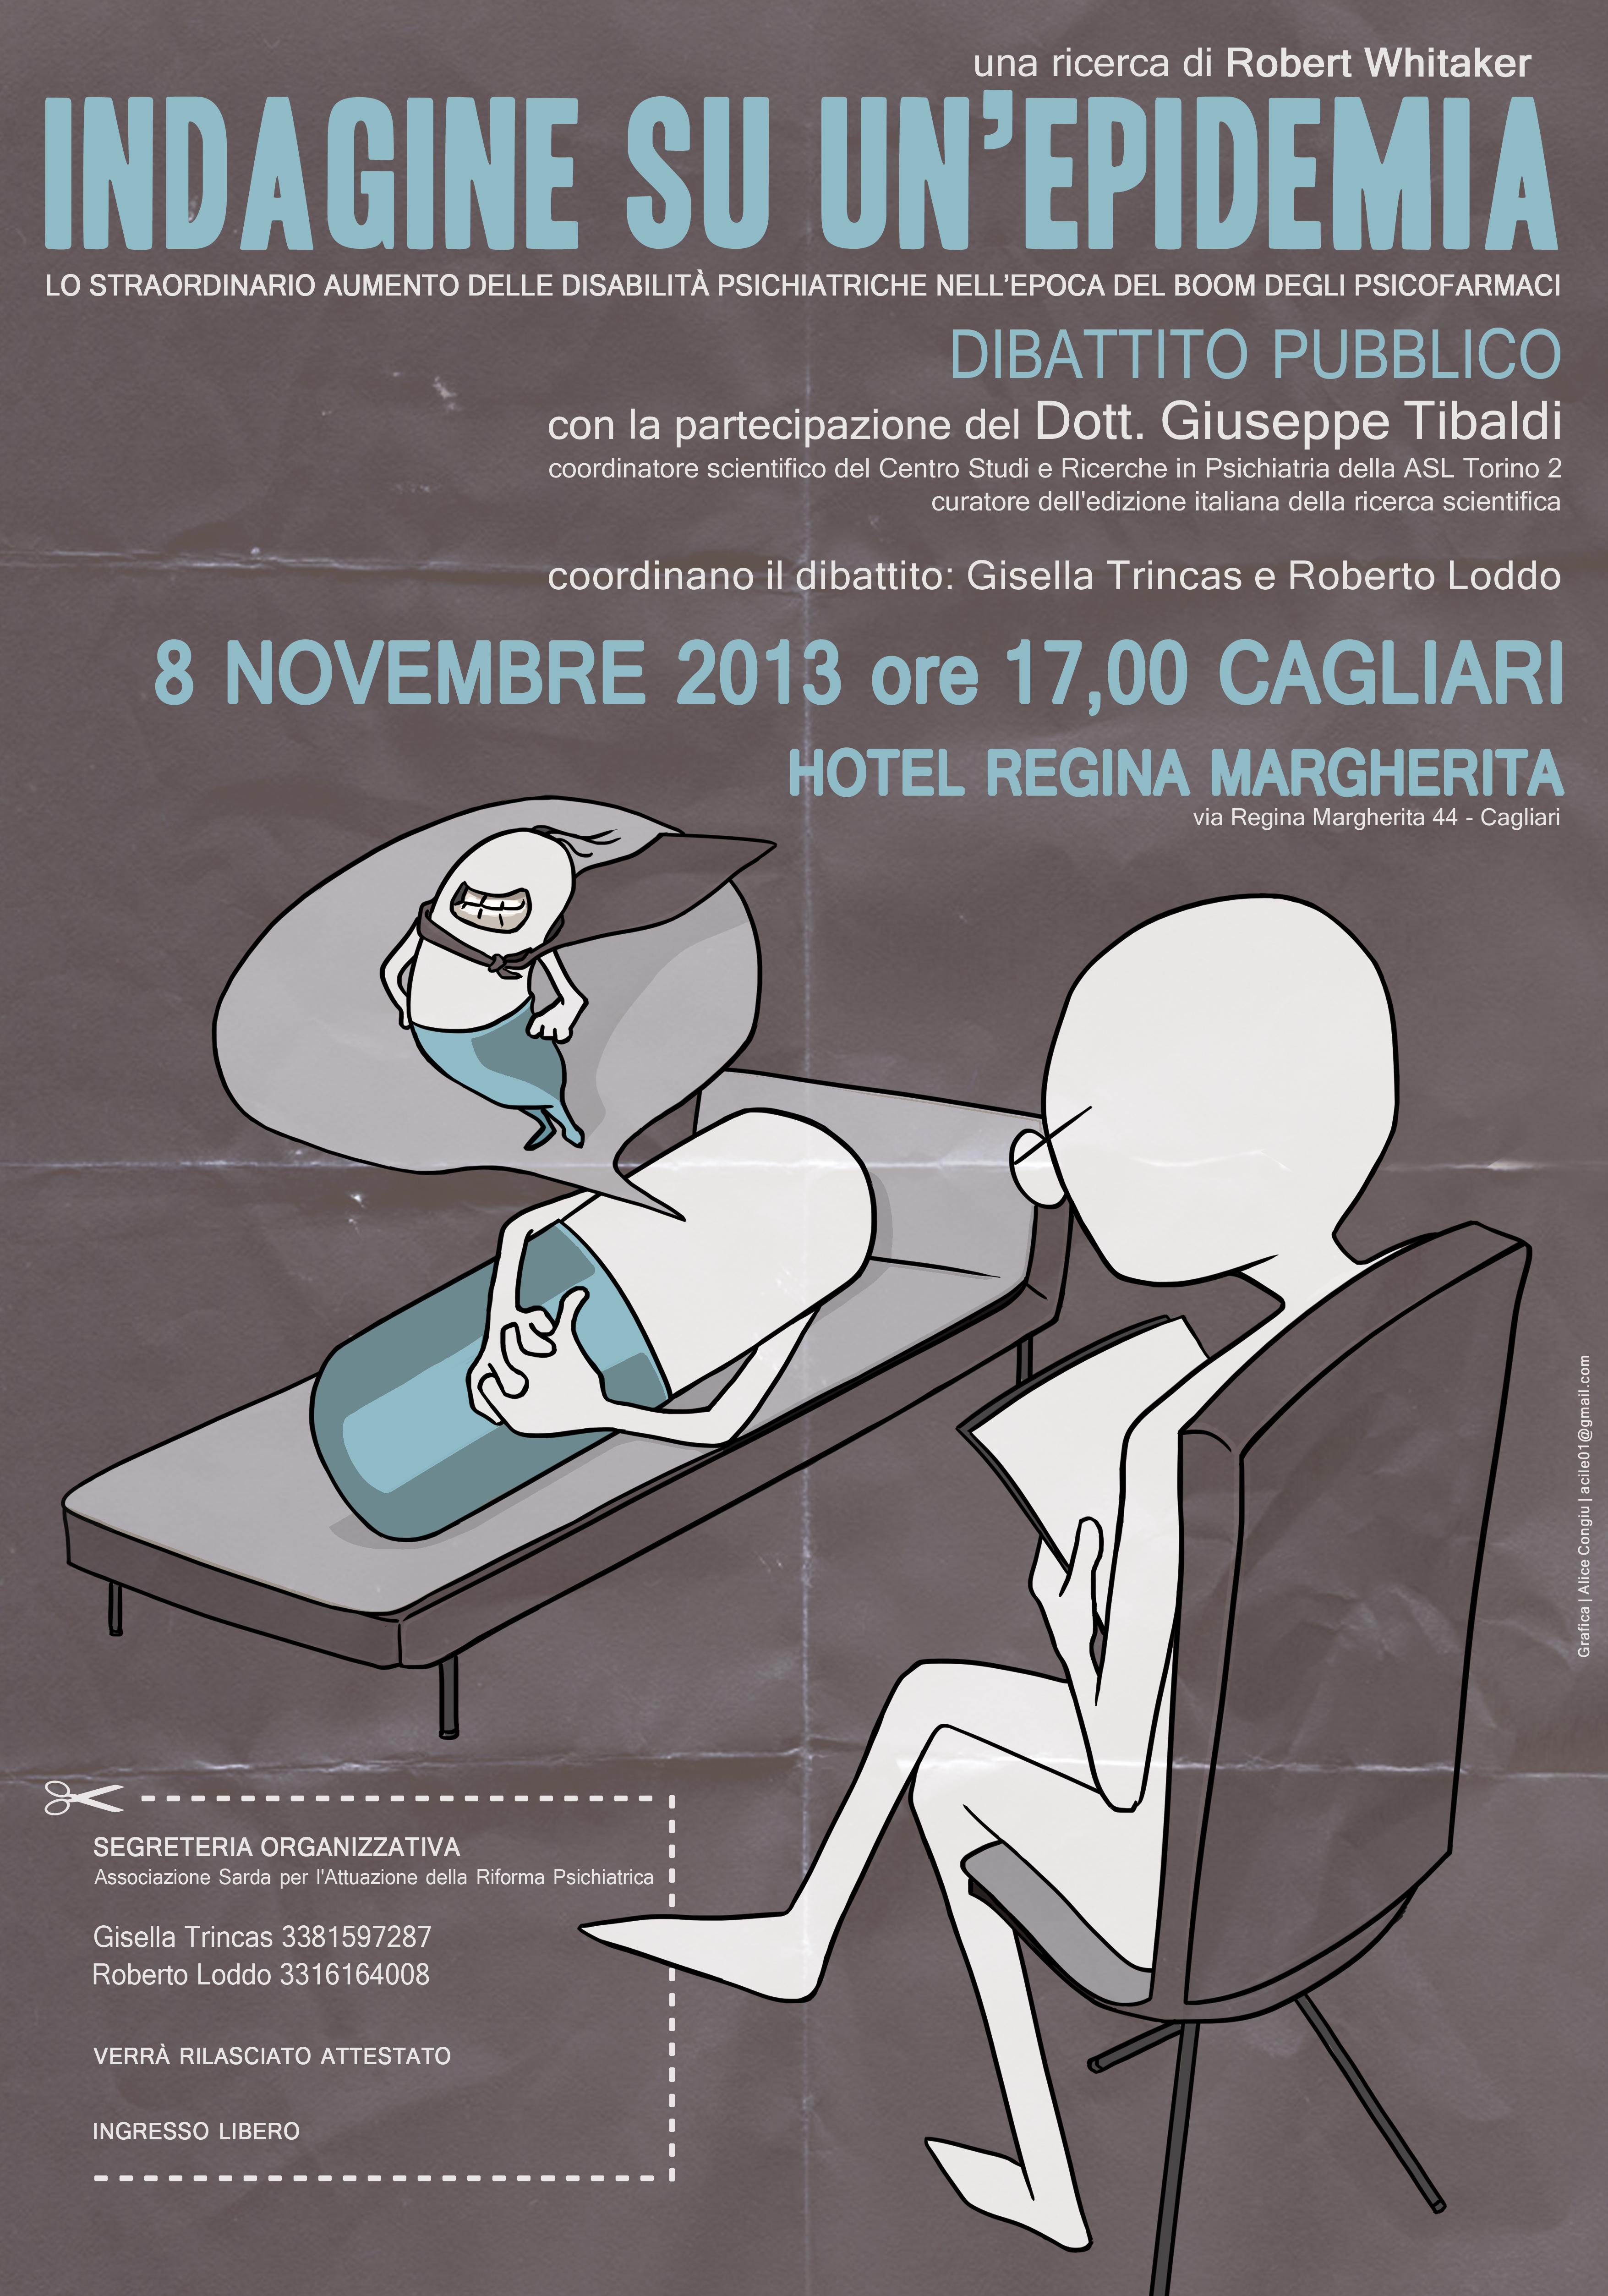 Venerdì 8 novembre a Cagliari: Indagine su un'epidemia